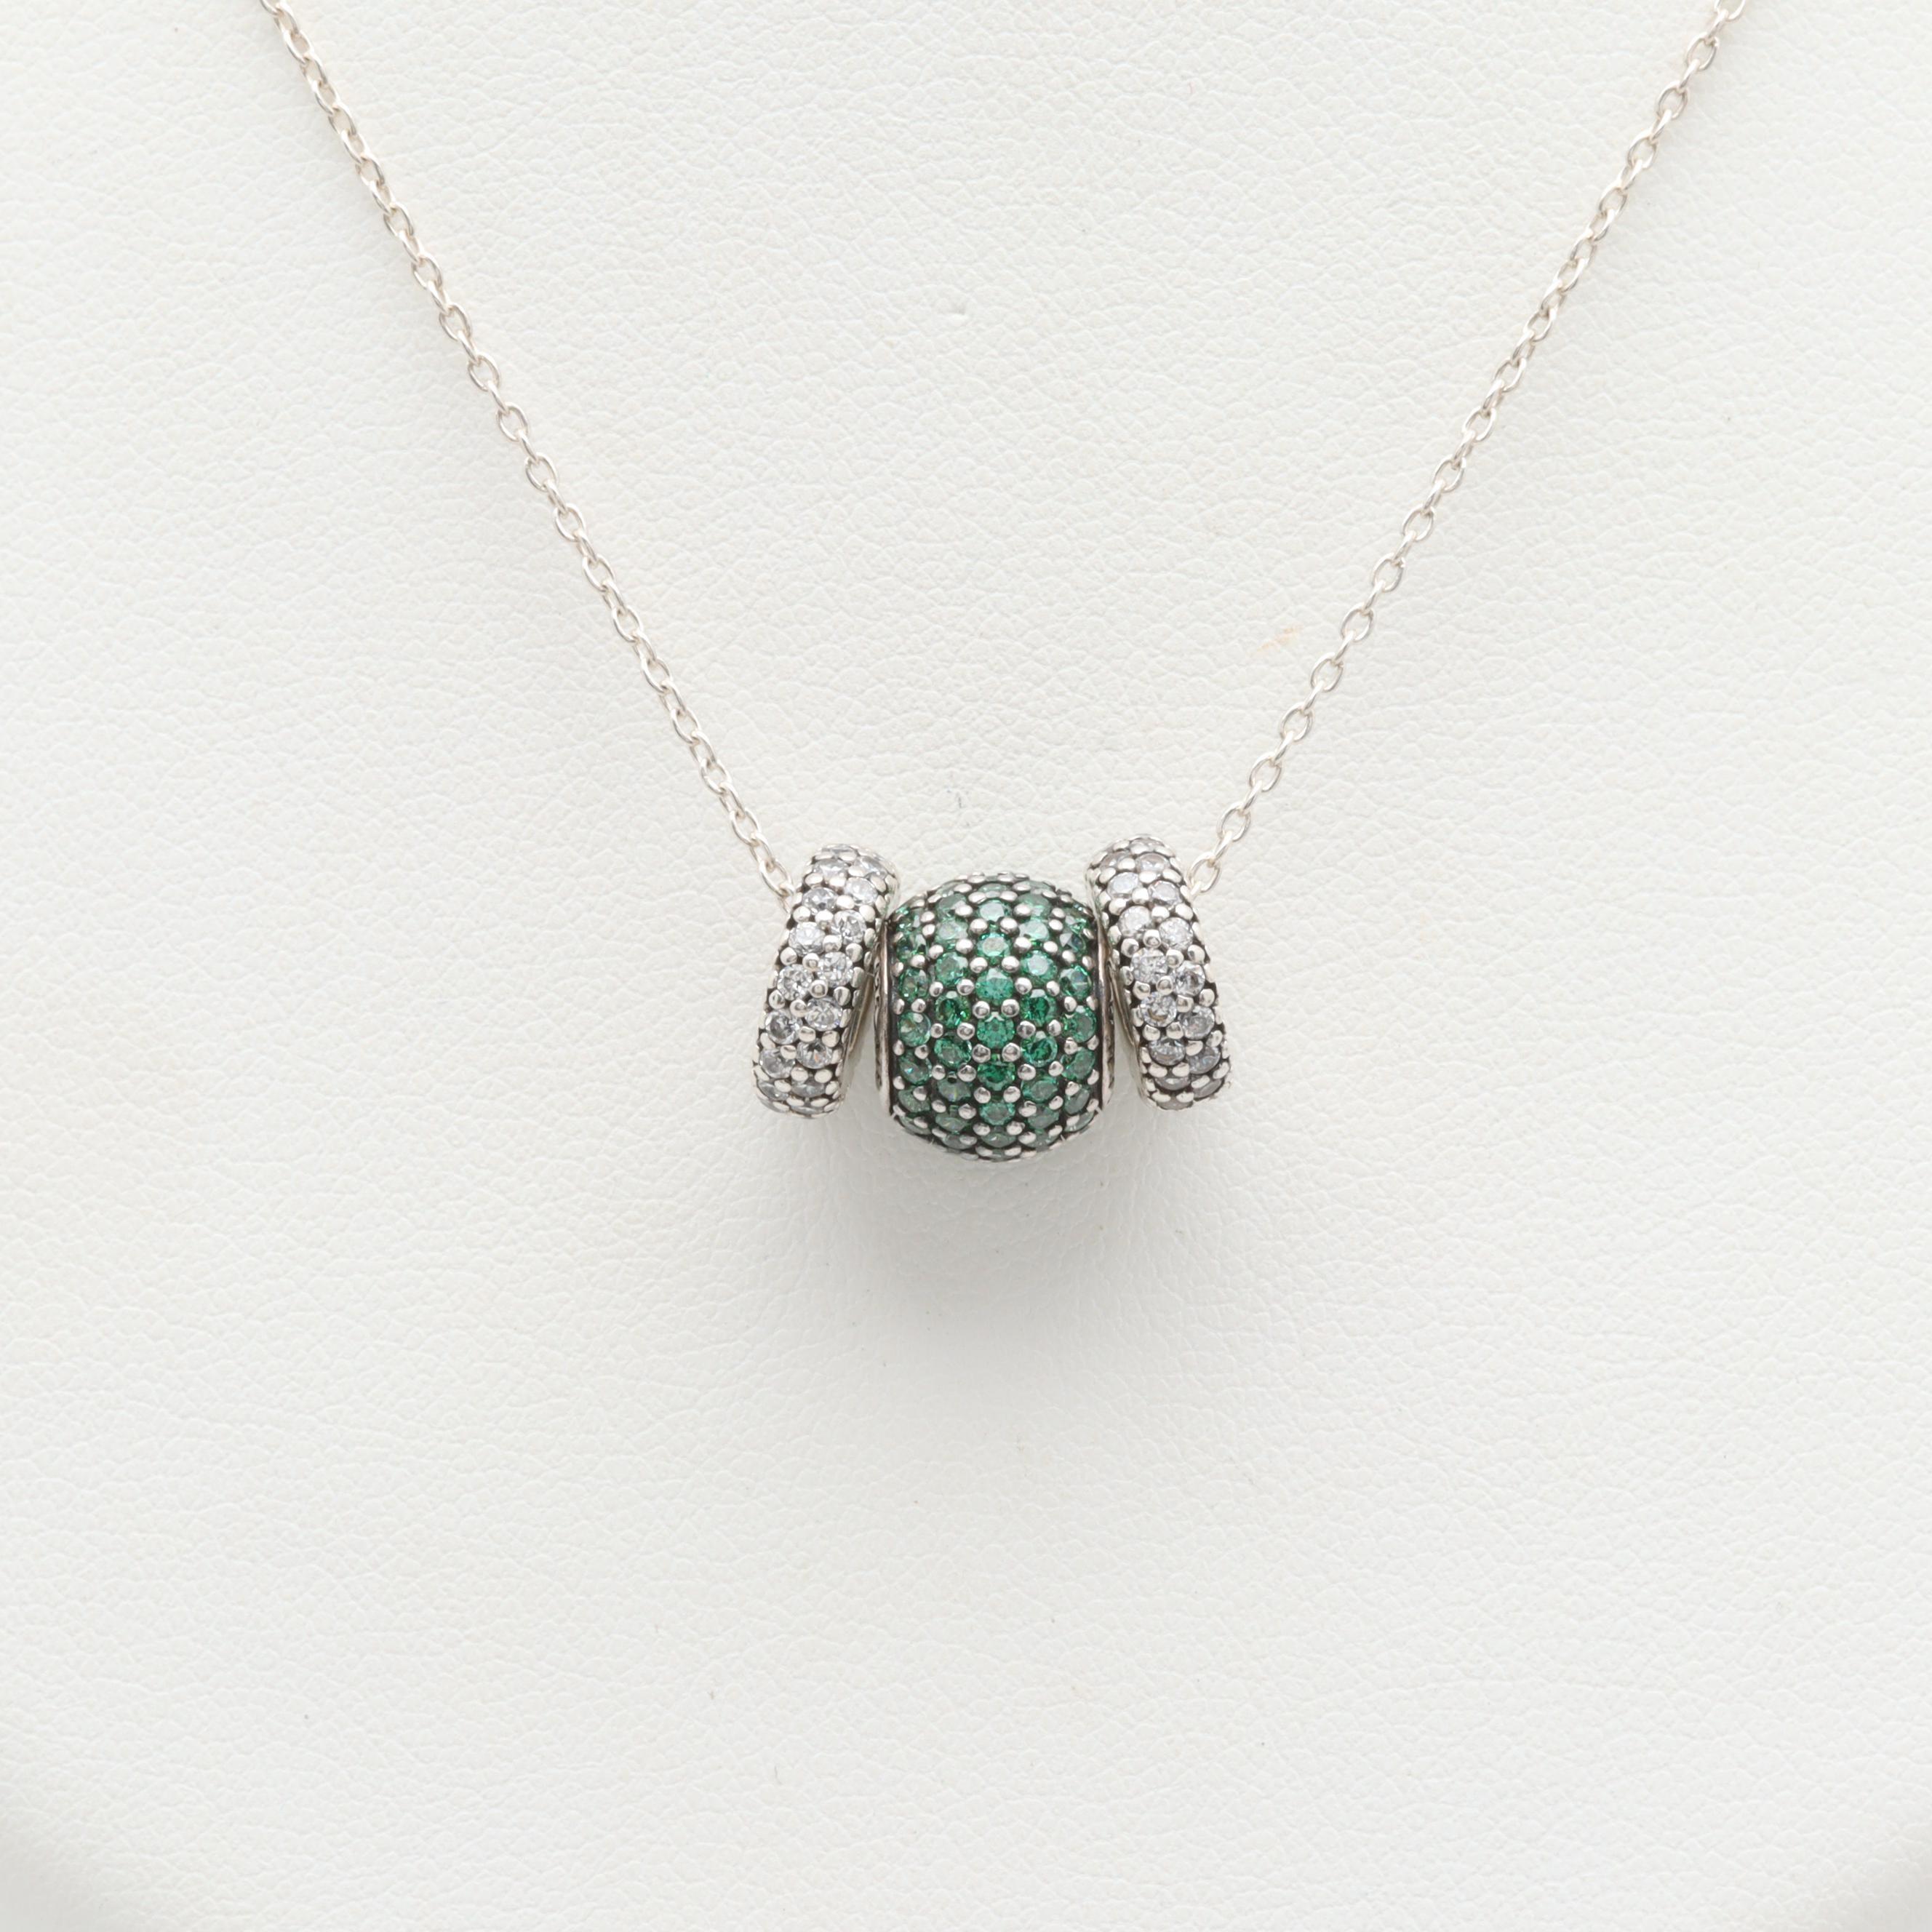 Pandora Sterling Silver Cubic Zirconia Necklace